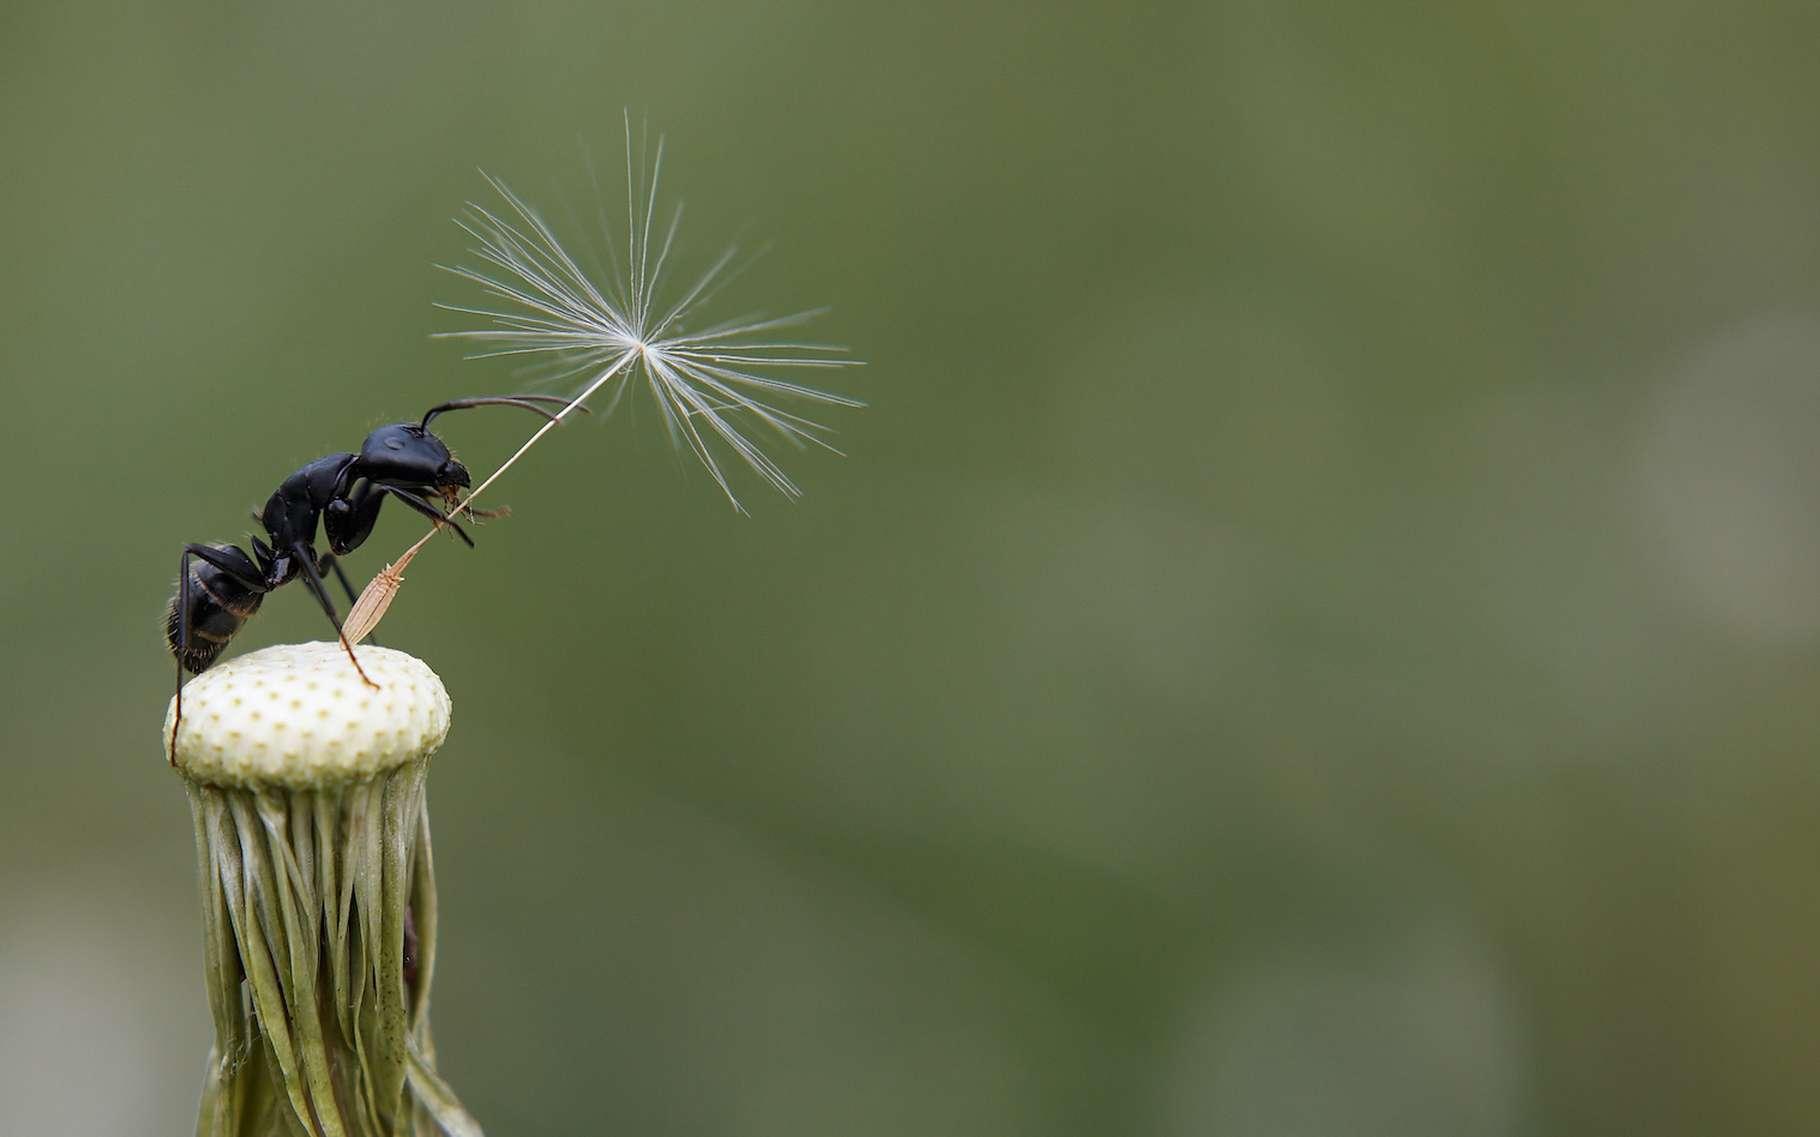 Des chercheurs américains montrent aujourd'hui que les fourmis dispersent des graines de plantes qu'elles ont au préalable nettoyées de certains de leurs agents pathogènes. © Serg Zastavkin, Adobe Stock